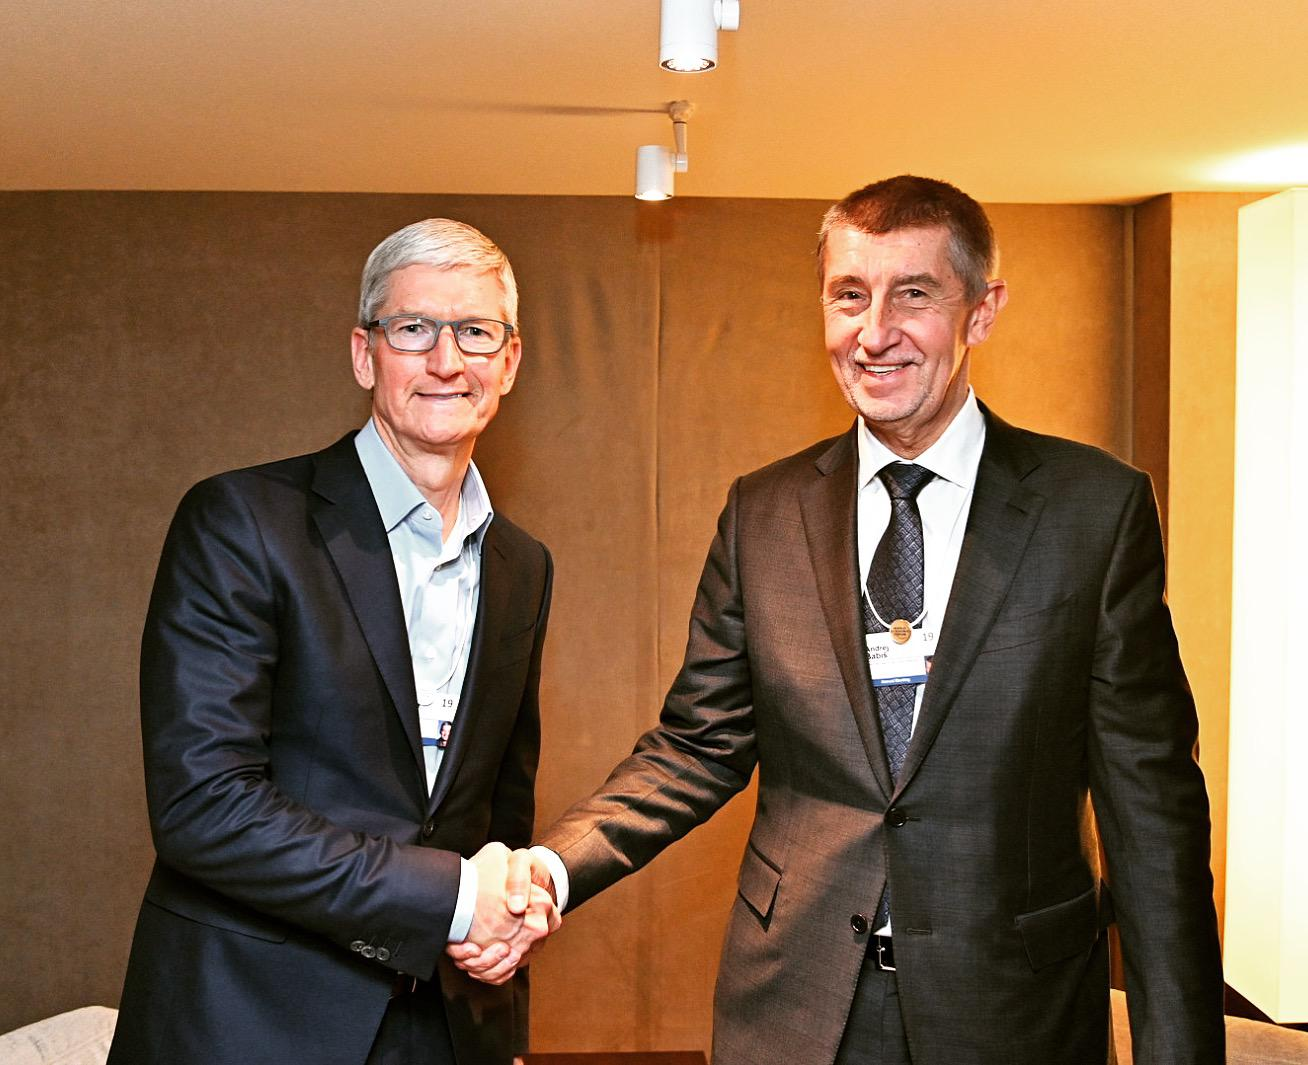 ... vyrásť prvý Apple Store v krajine. Zobraziť celú galériu (2). Andrej  Babiš Facebook 18440f1636f